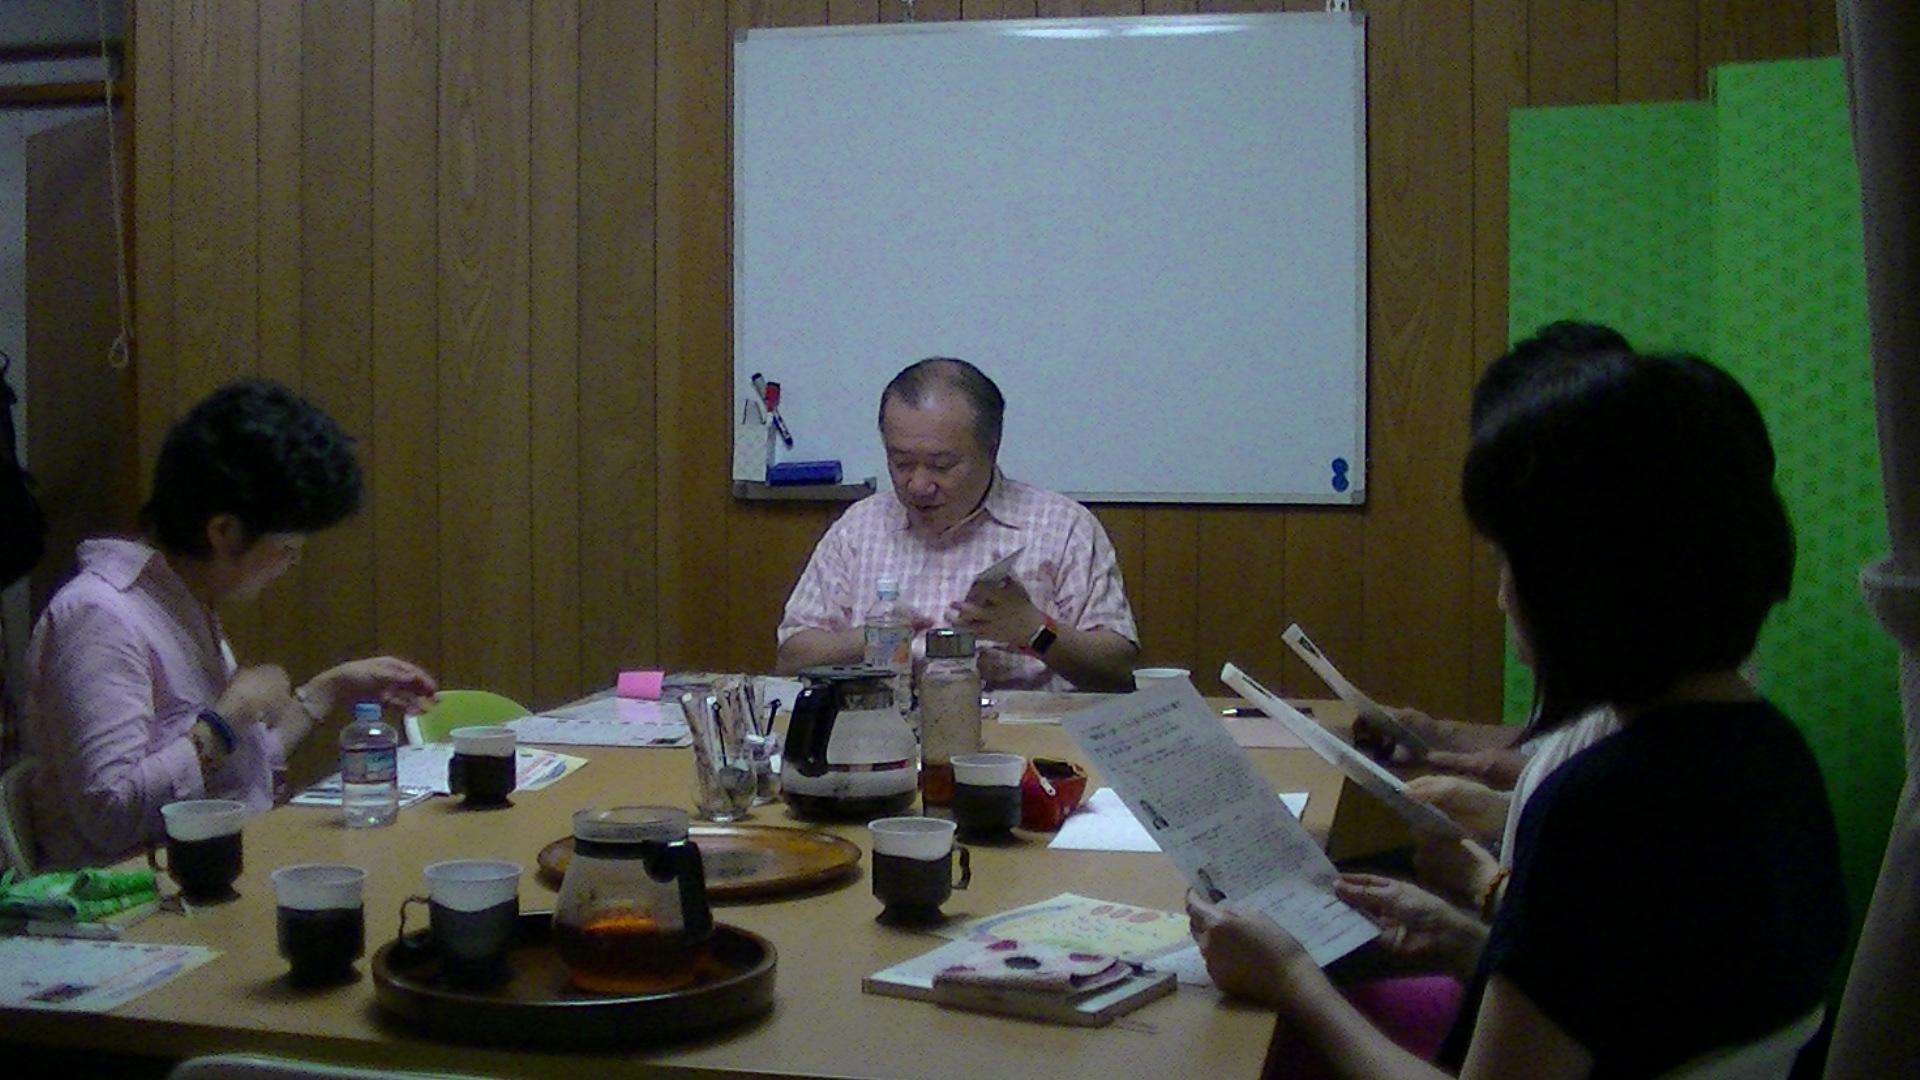 PIC 0447 - 池川先生から教えて頂いた令和の時代の生き方